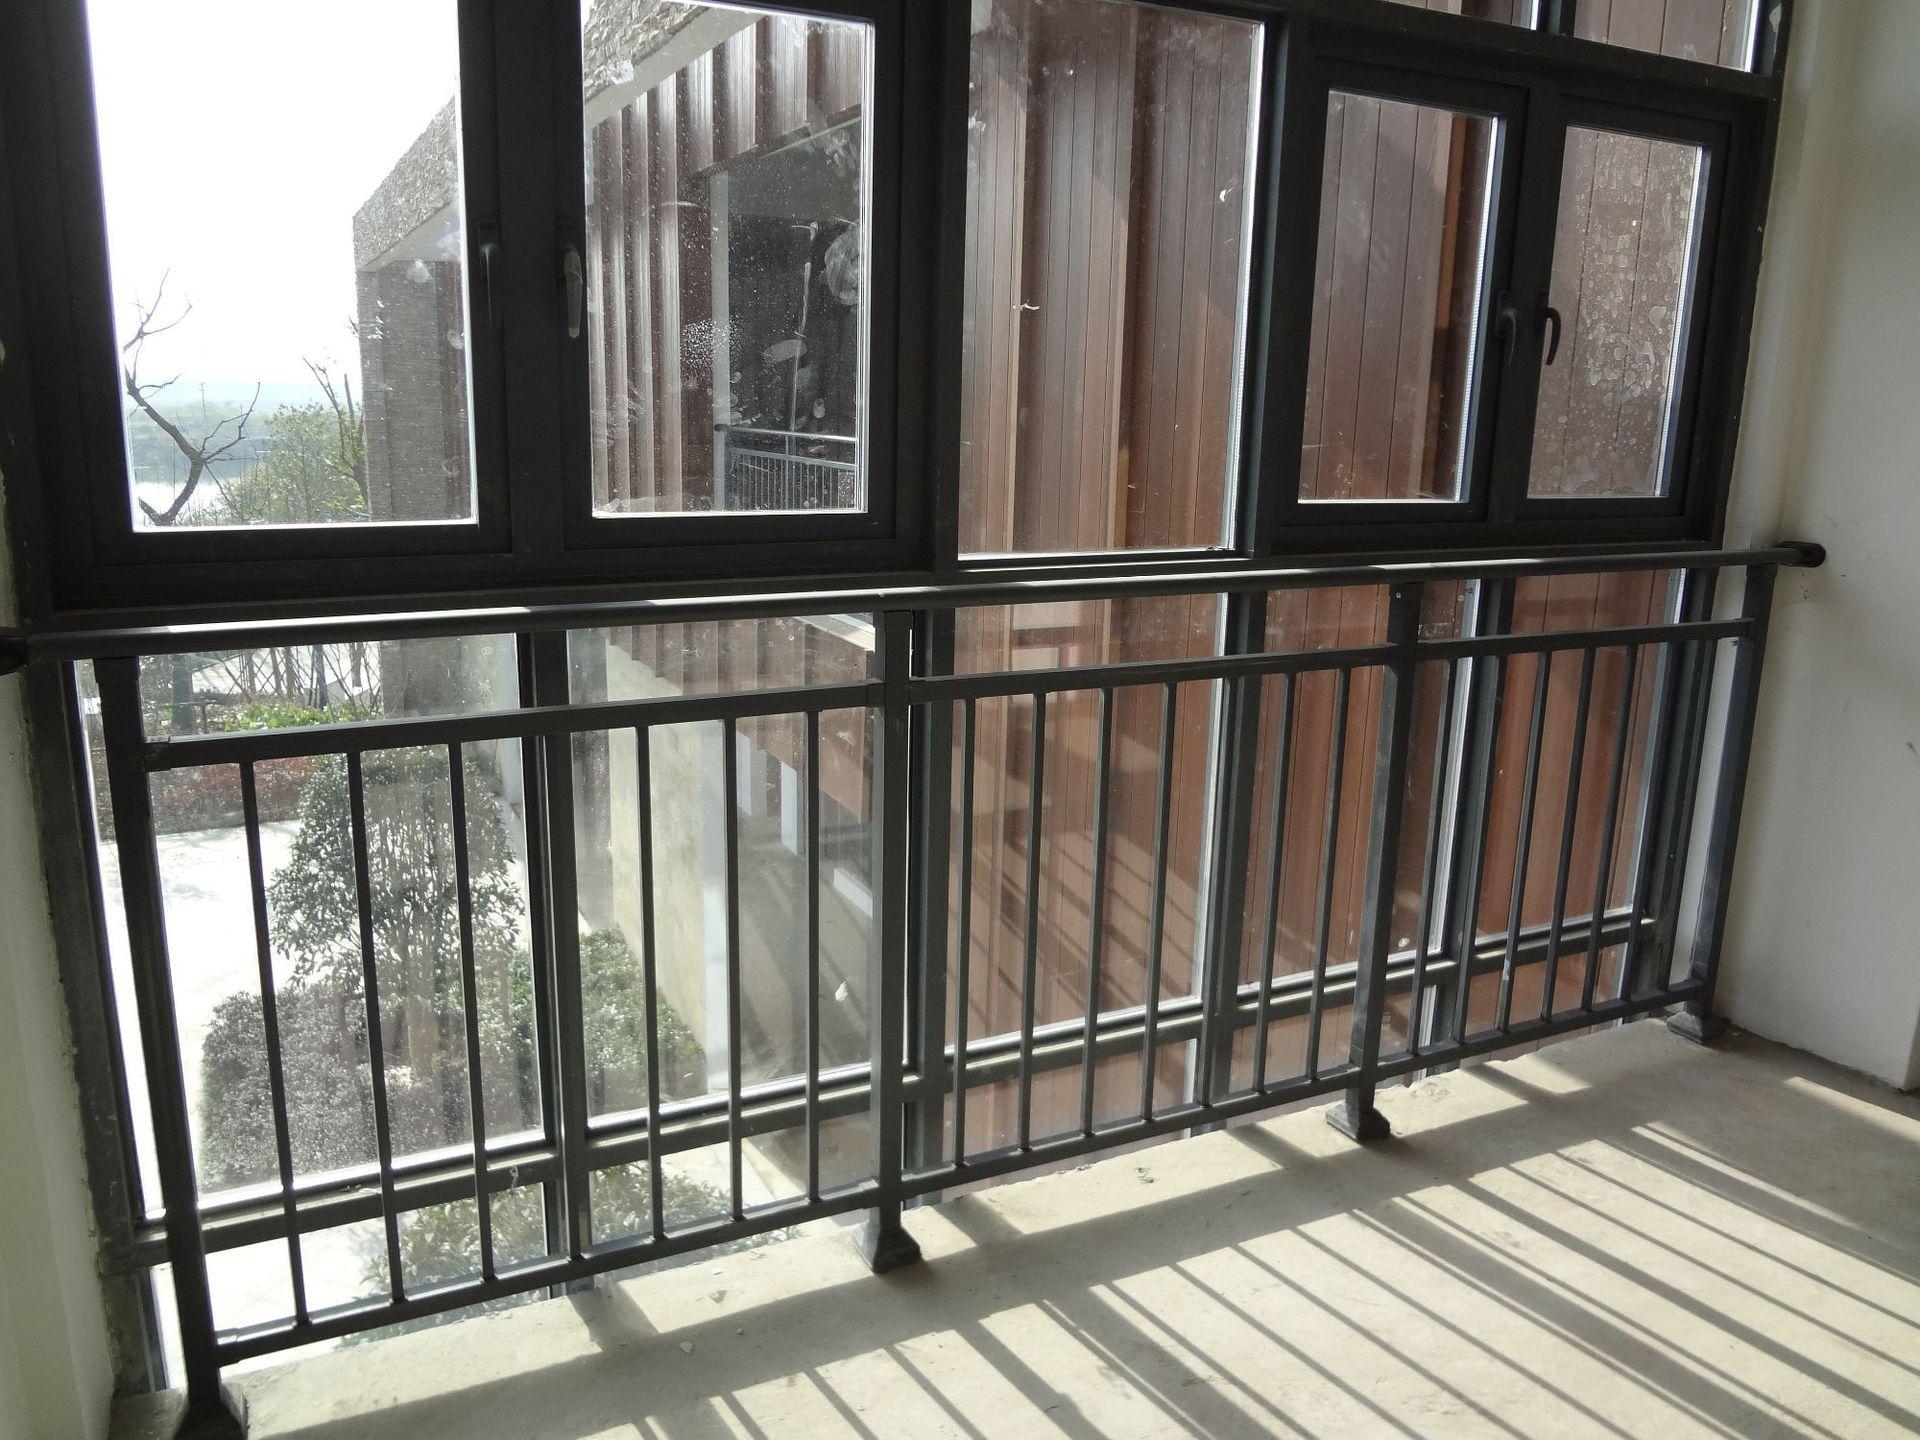 专业荆门护栏厂家告诉你安装荆门阳台防护栏的相关规范及要求